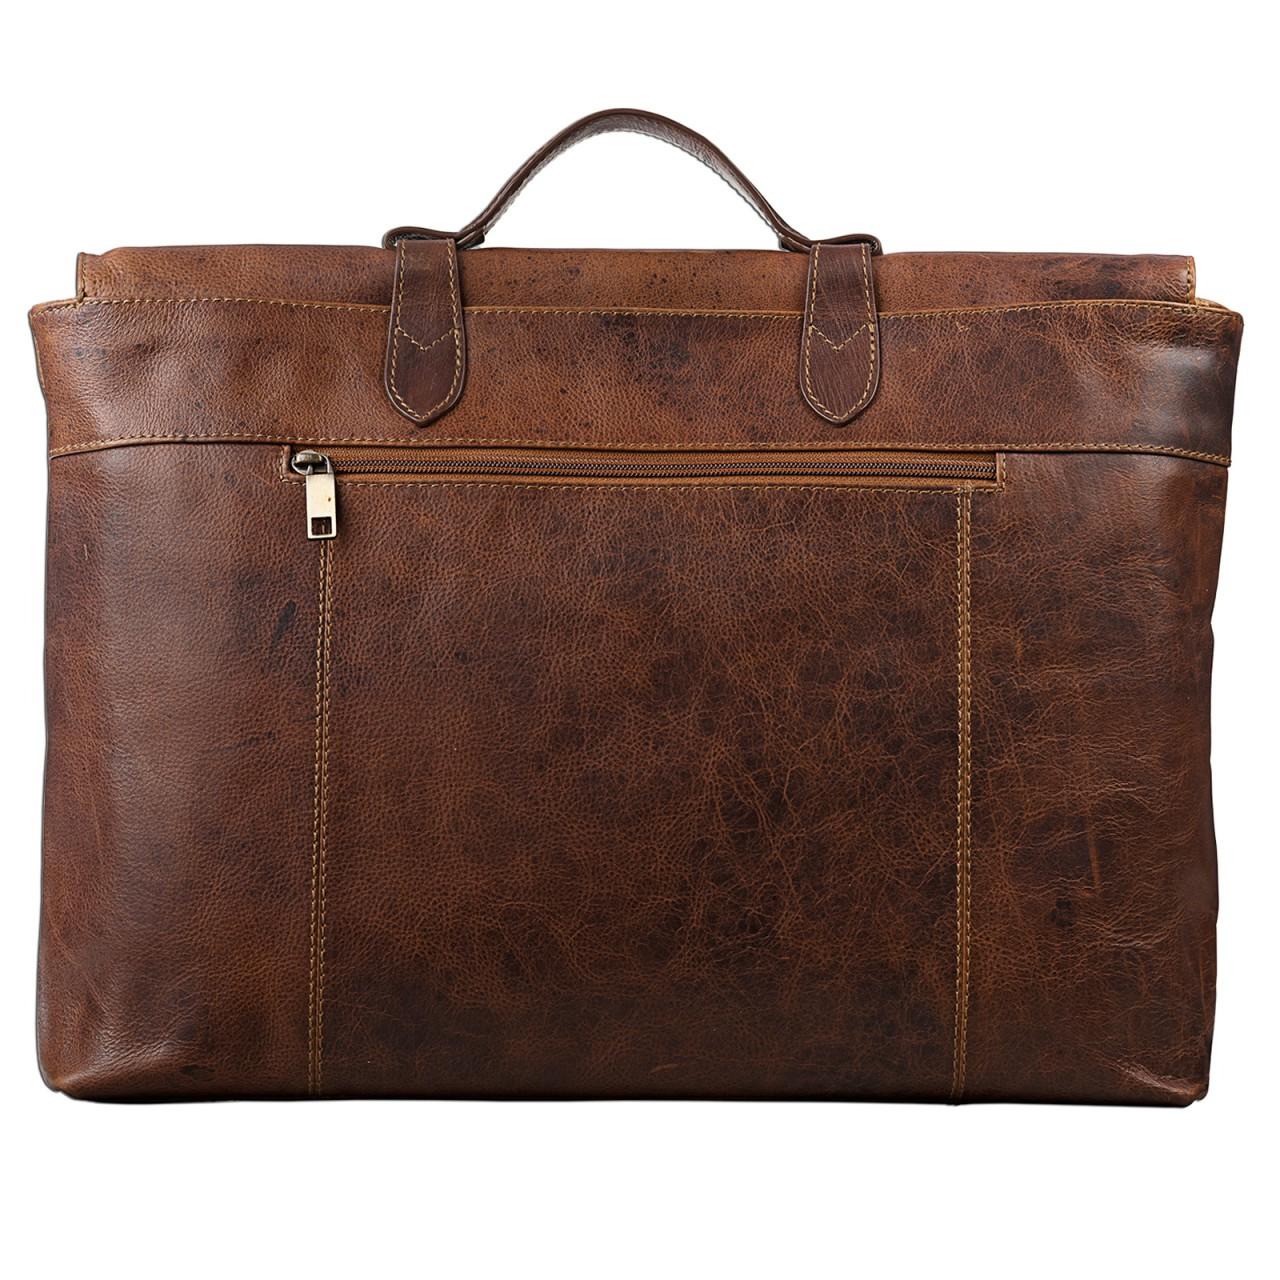 STILORD Vintage Businesstasche aus echtem Leder elegante Arbeitstasche Aktentasche Lehrertasche mit Schloss Rinds Leder Braun - Bild 3